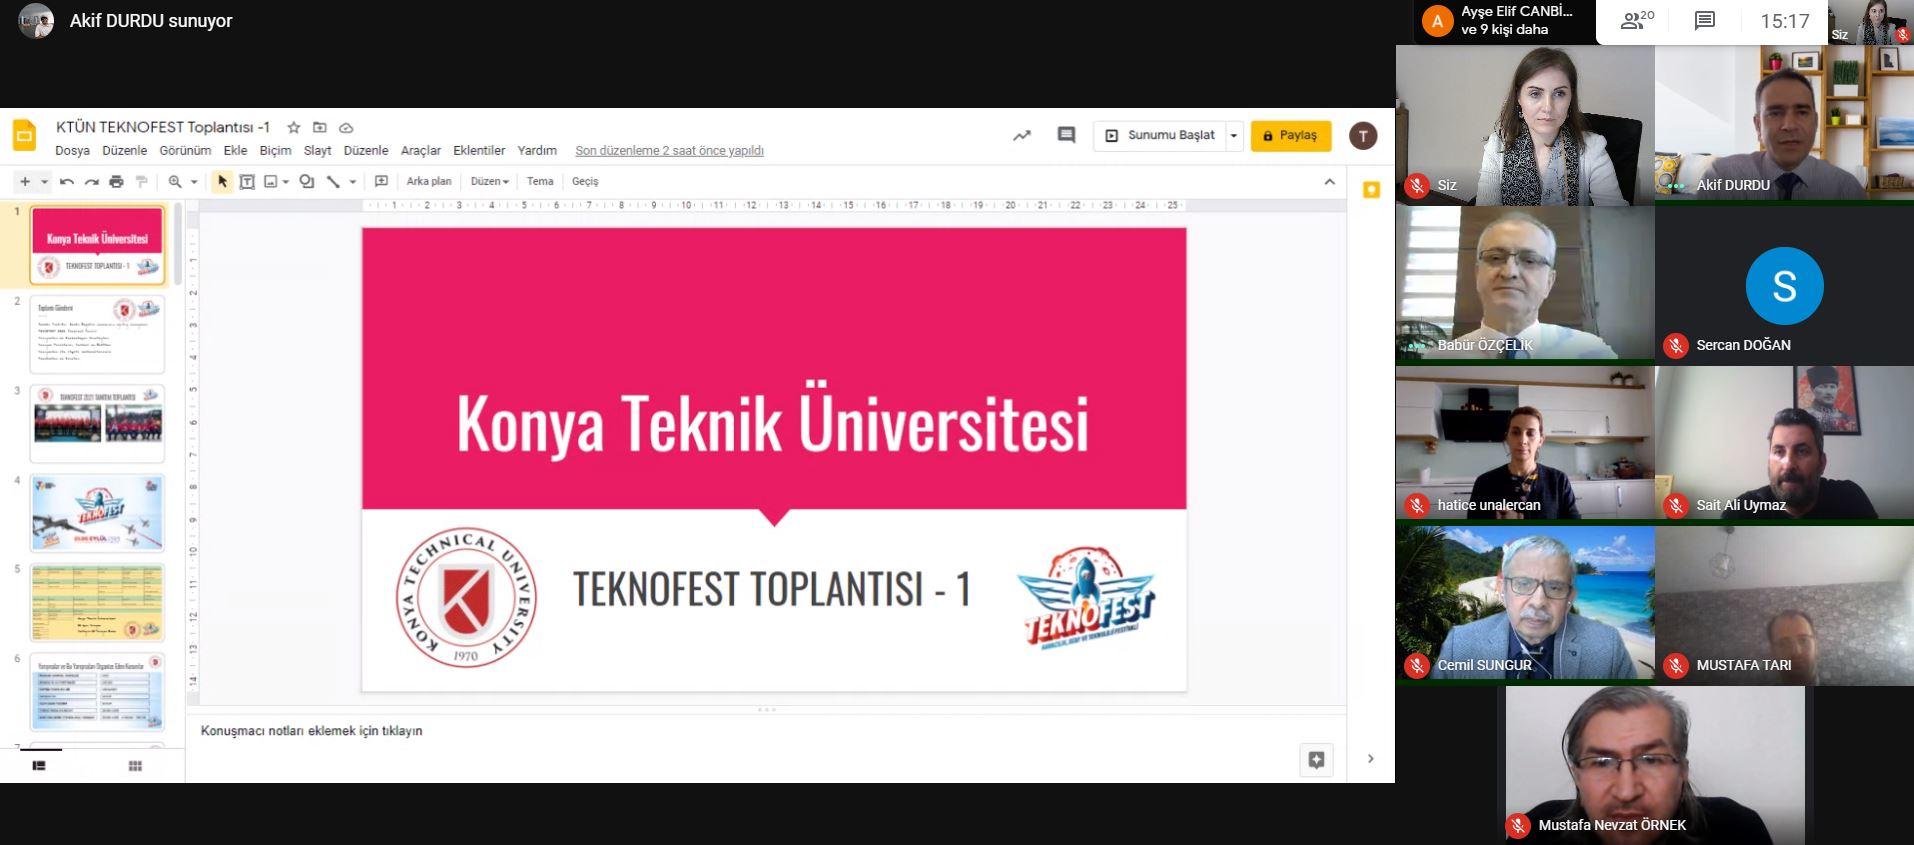 ktun-teknofest2021-yarislarina-iddiali-projeler-ile-hazirlaniyor-1.jpg